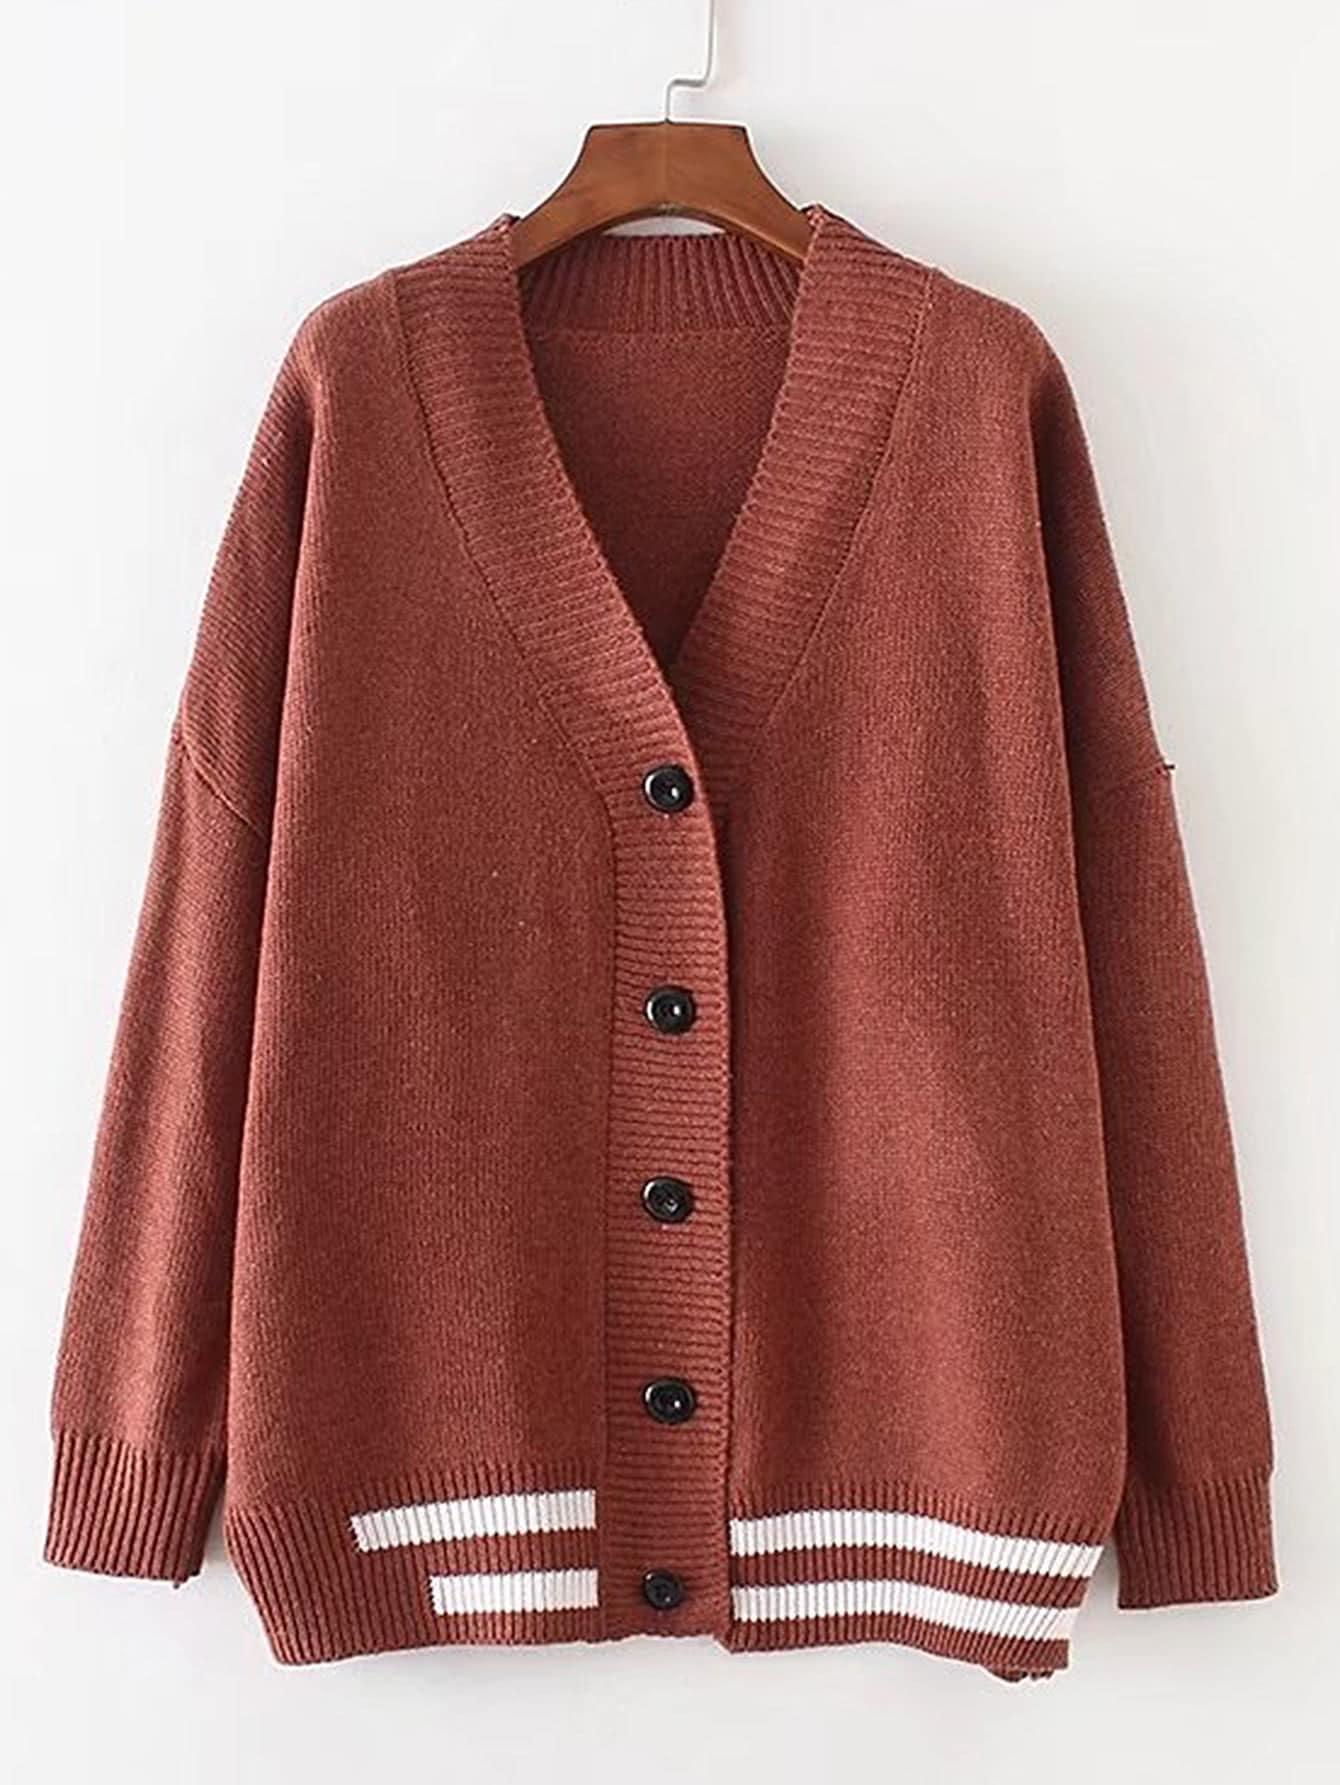 Drop Shoulder Seam Striped Trim Cardigan sweater170810206